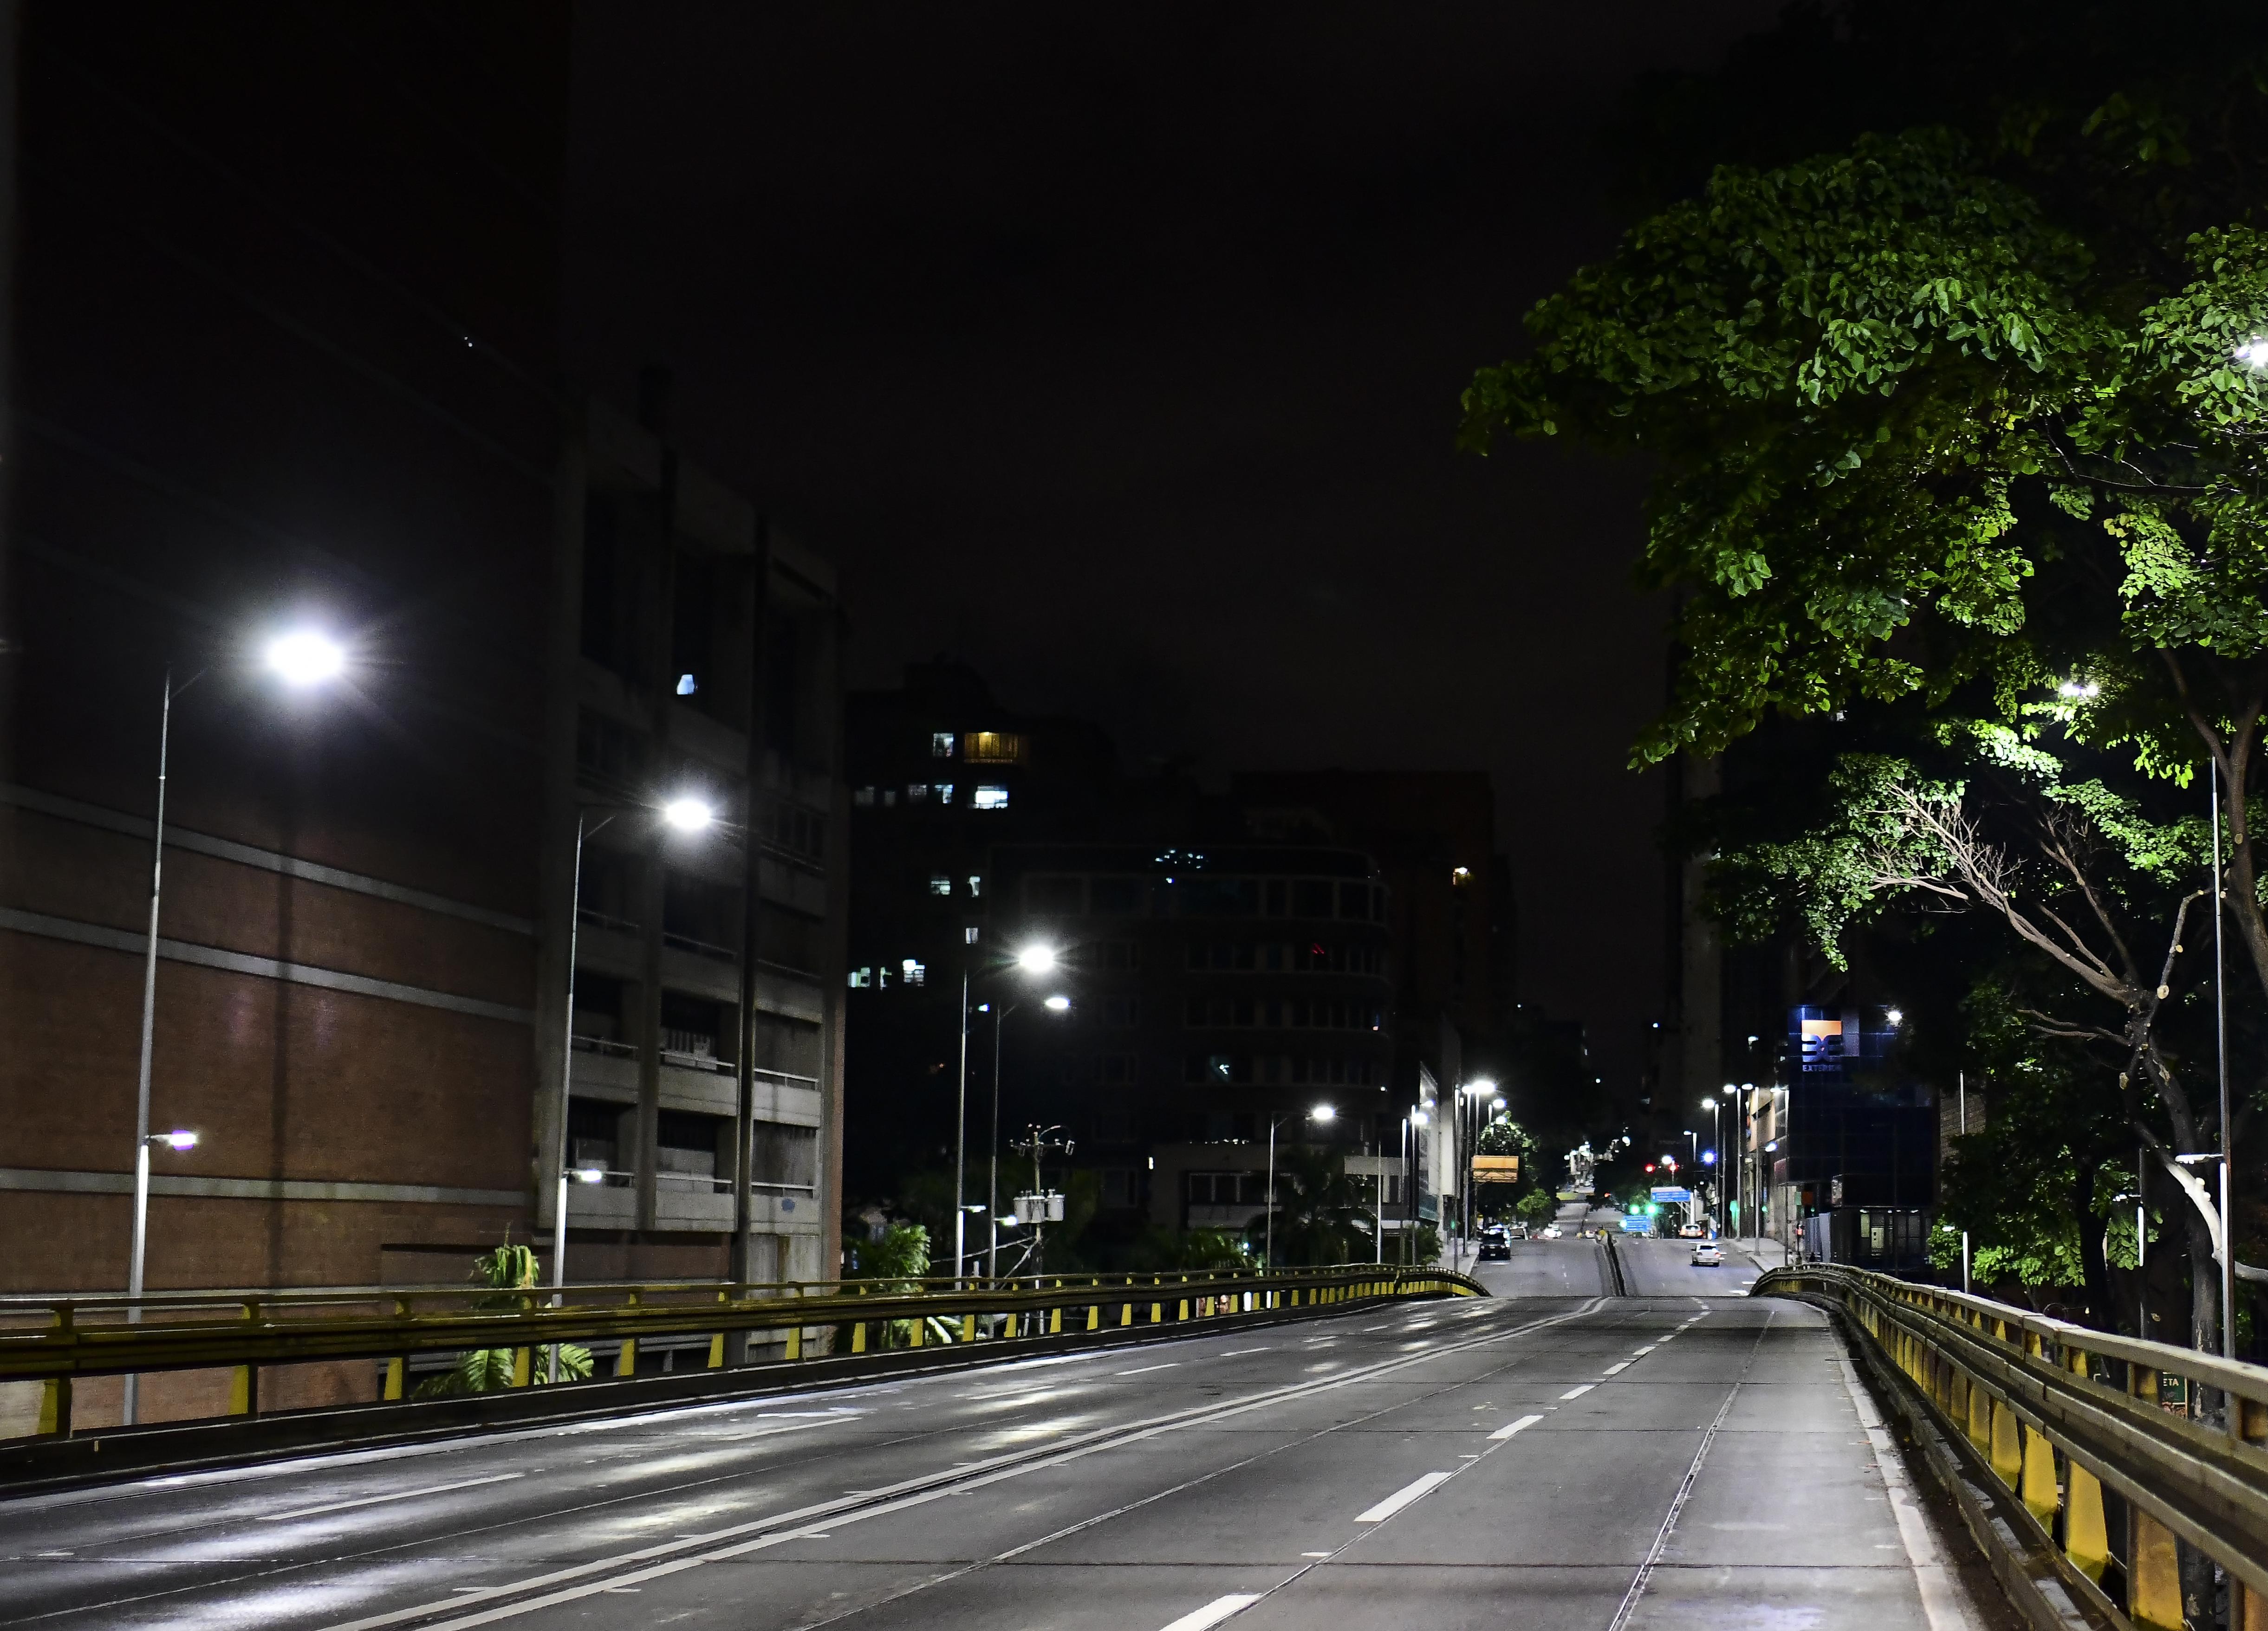 La avenidaUrdaneta. (RONALDO SCHEMIDT / AFP)